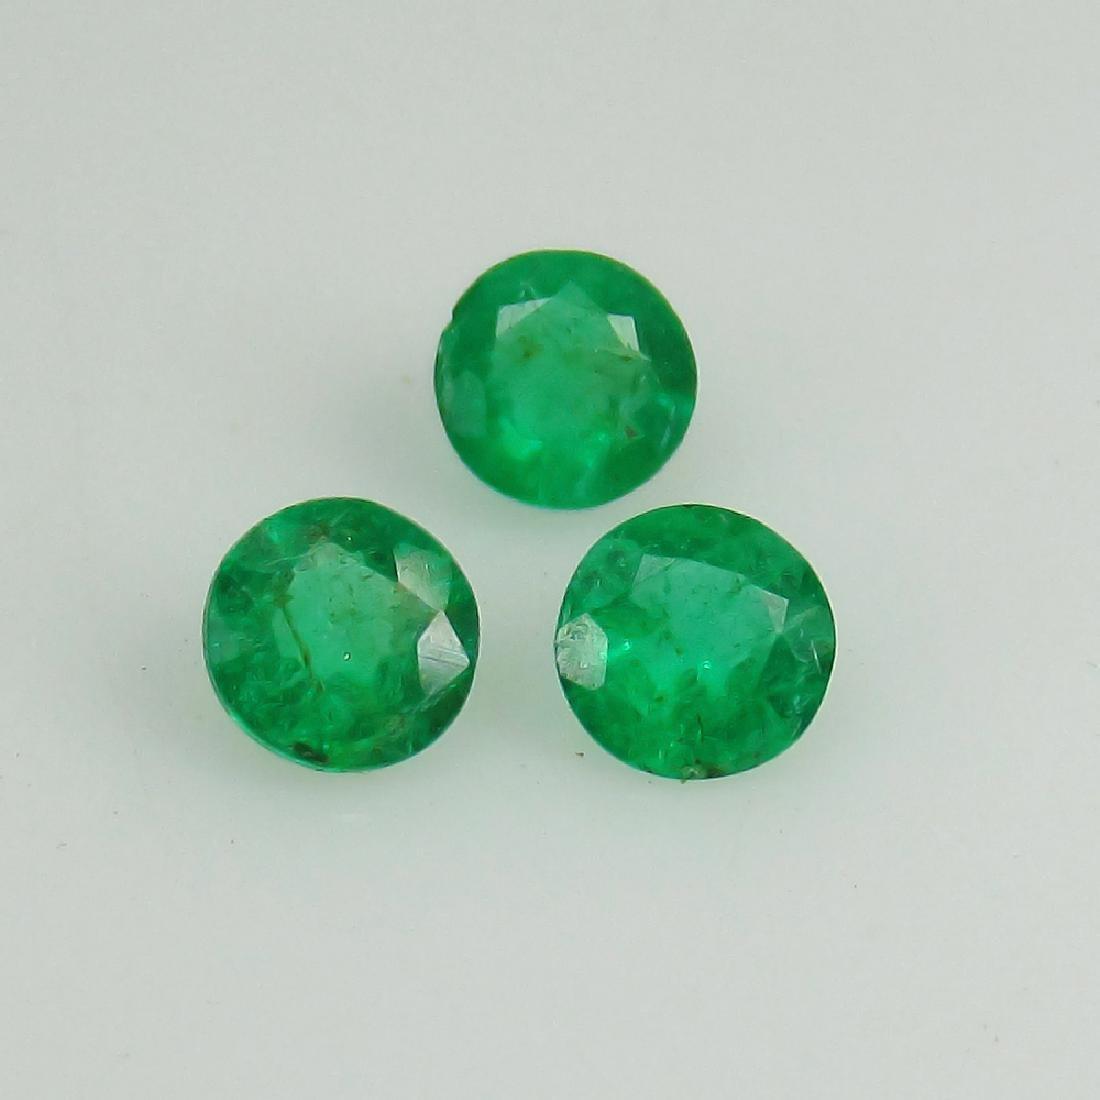 0.70 Ctw Natural Zambian Emerald 4 mm Round Matching - 4